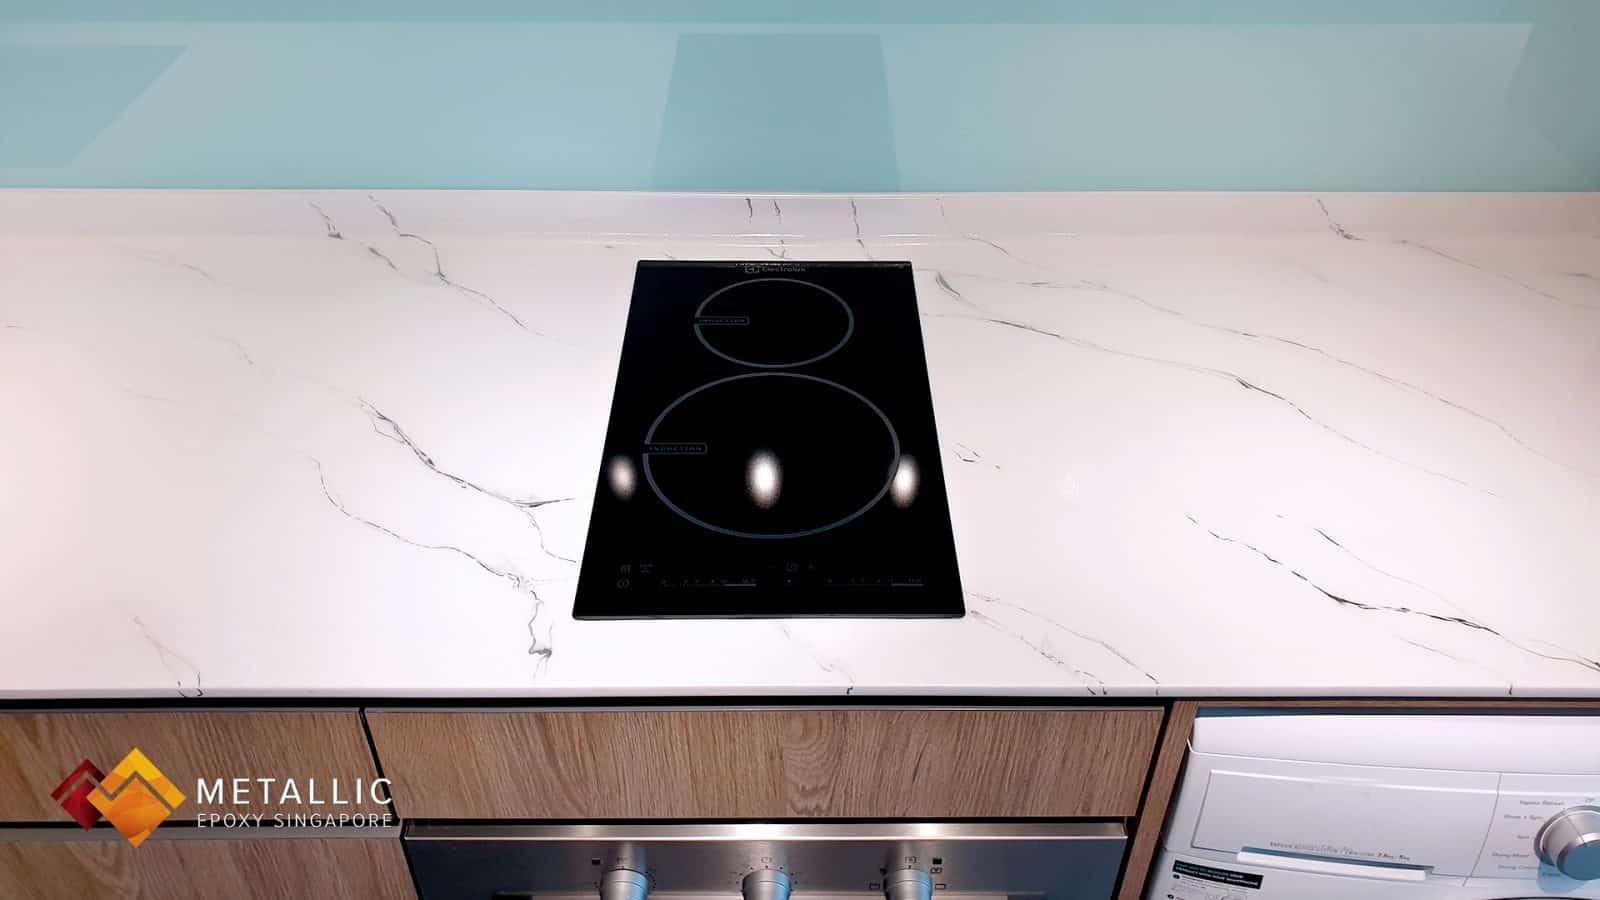 Metallic Epoxy Singapore Carrara White Marble Countertop